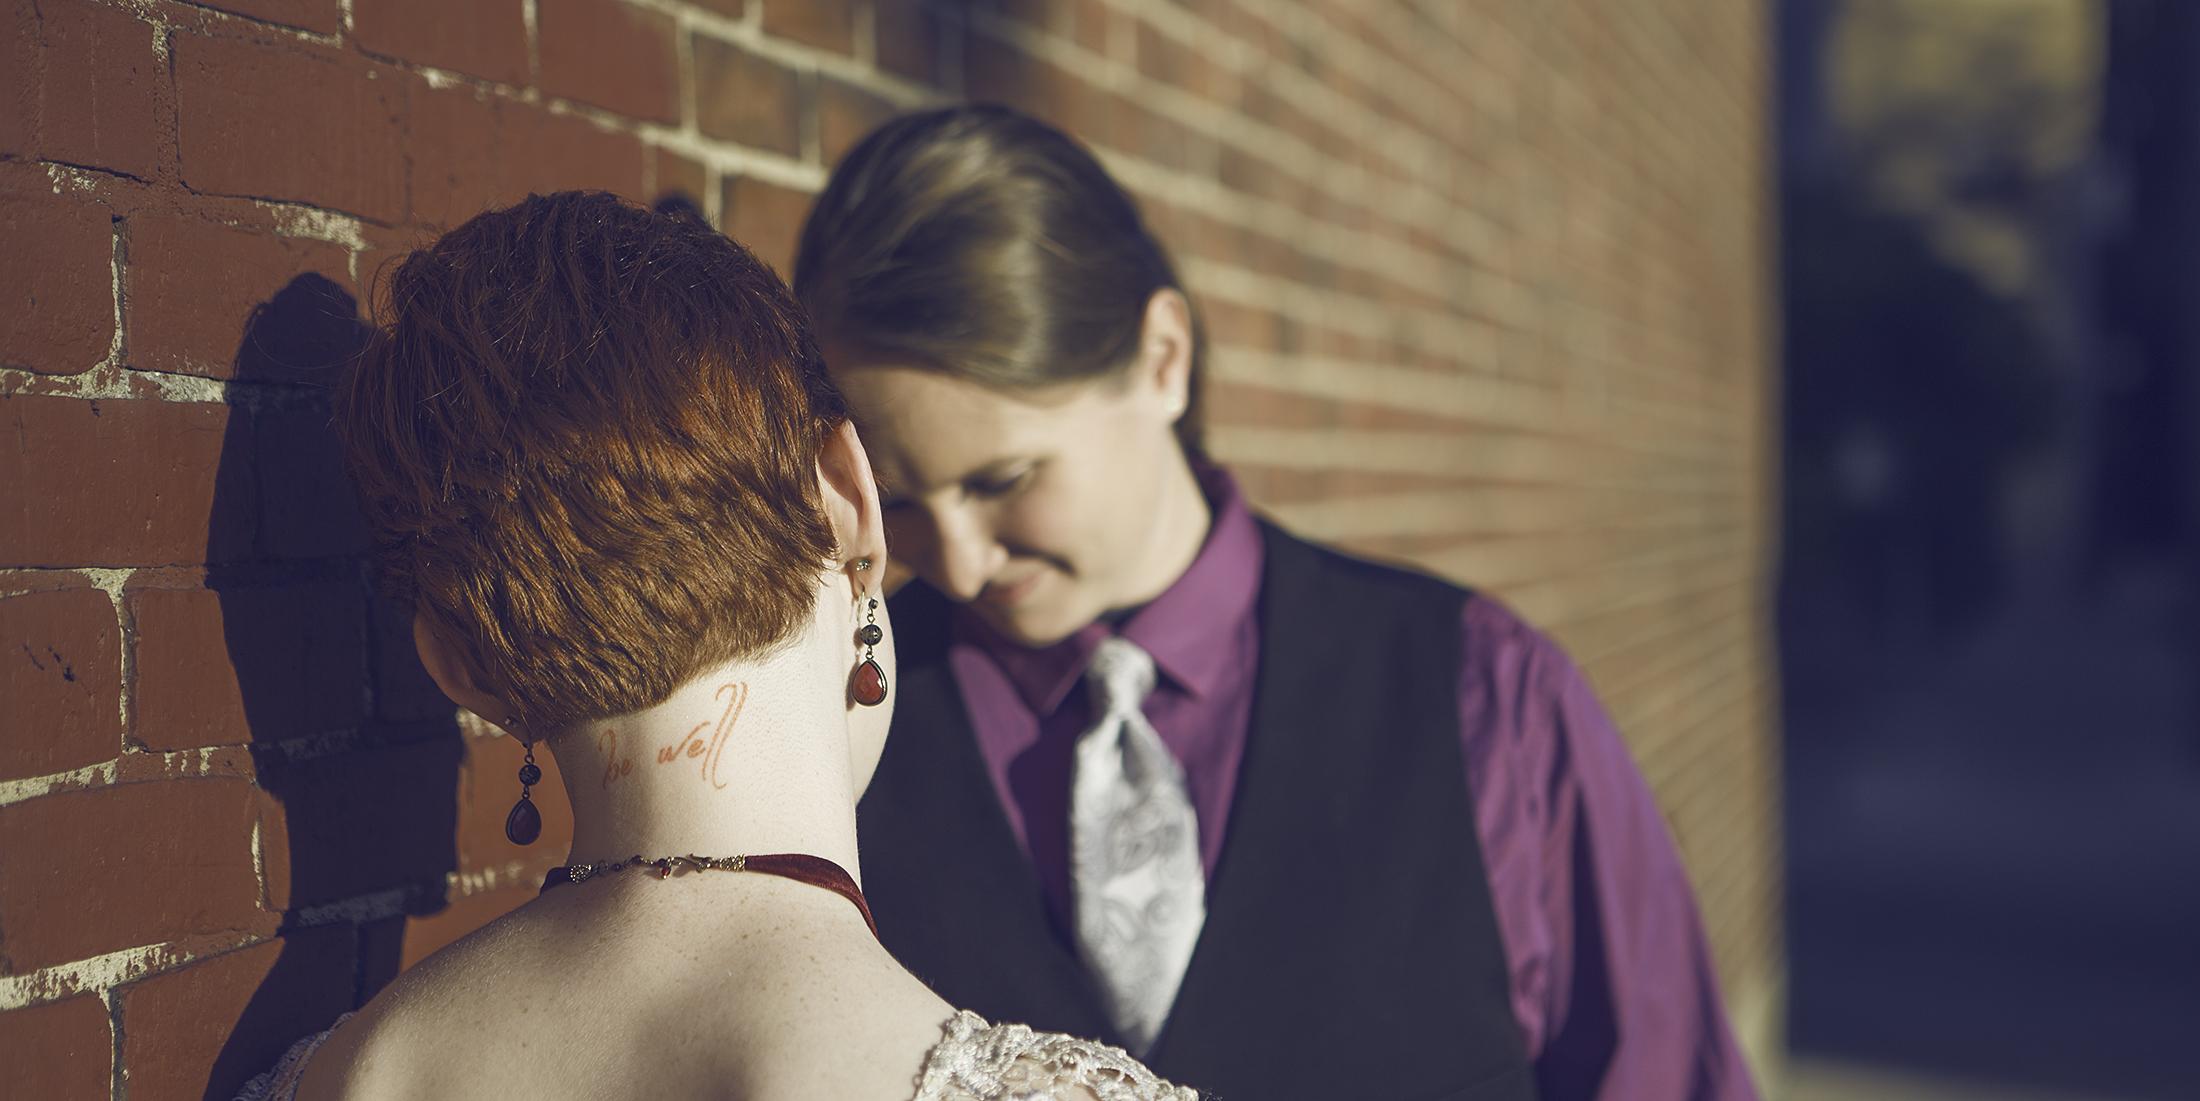 A Bostonian Wedding. And Bowling.